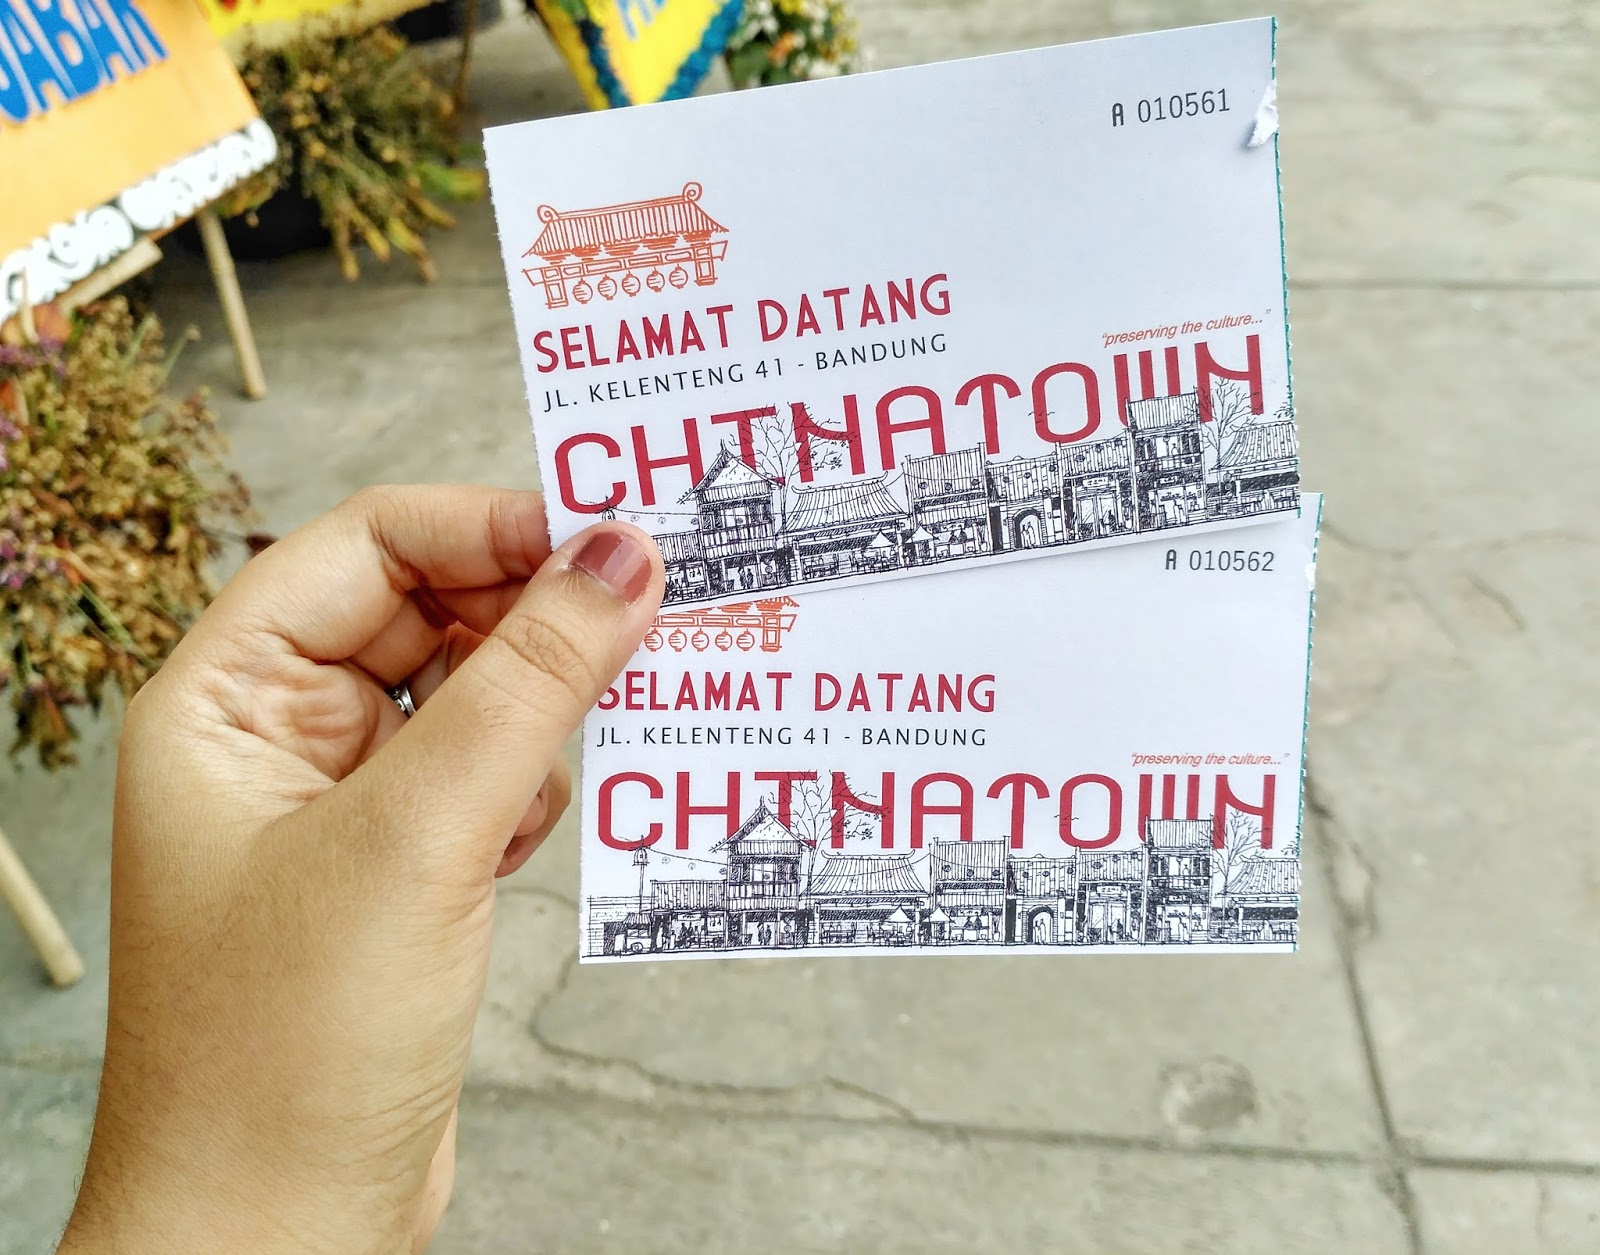 Bandung Chinatown Kelenteng Flazz Bca Isi 100000 Kartu Yakni Debit Dan Tanpa Minimum Transaksi Kredit Kamu Juga Bisa Membeli Atau Top Up